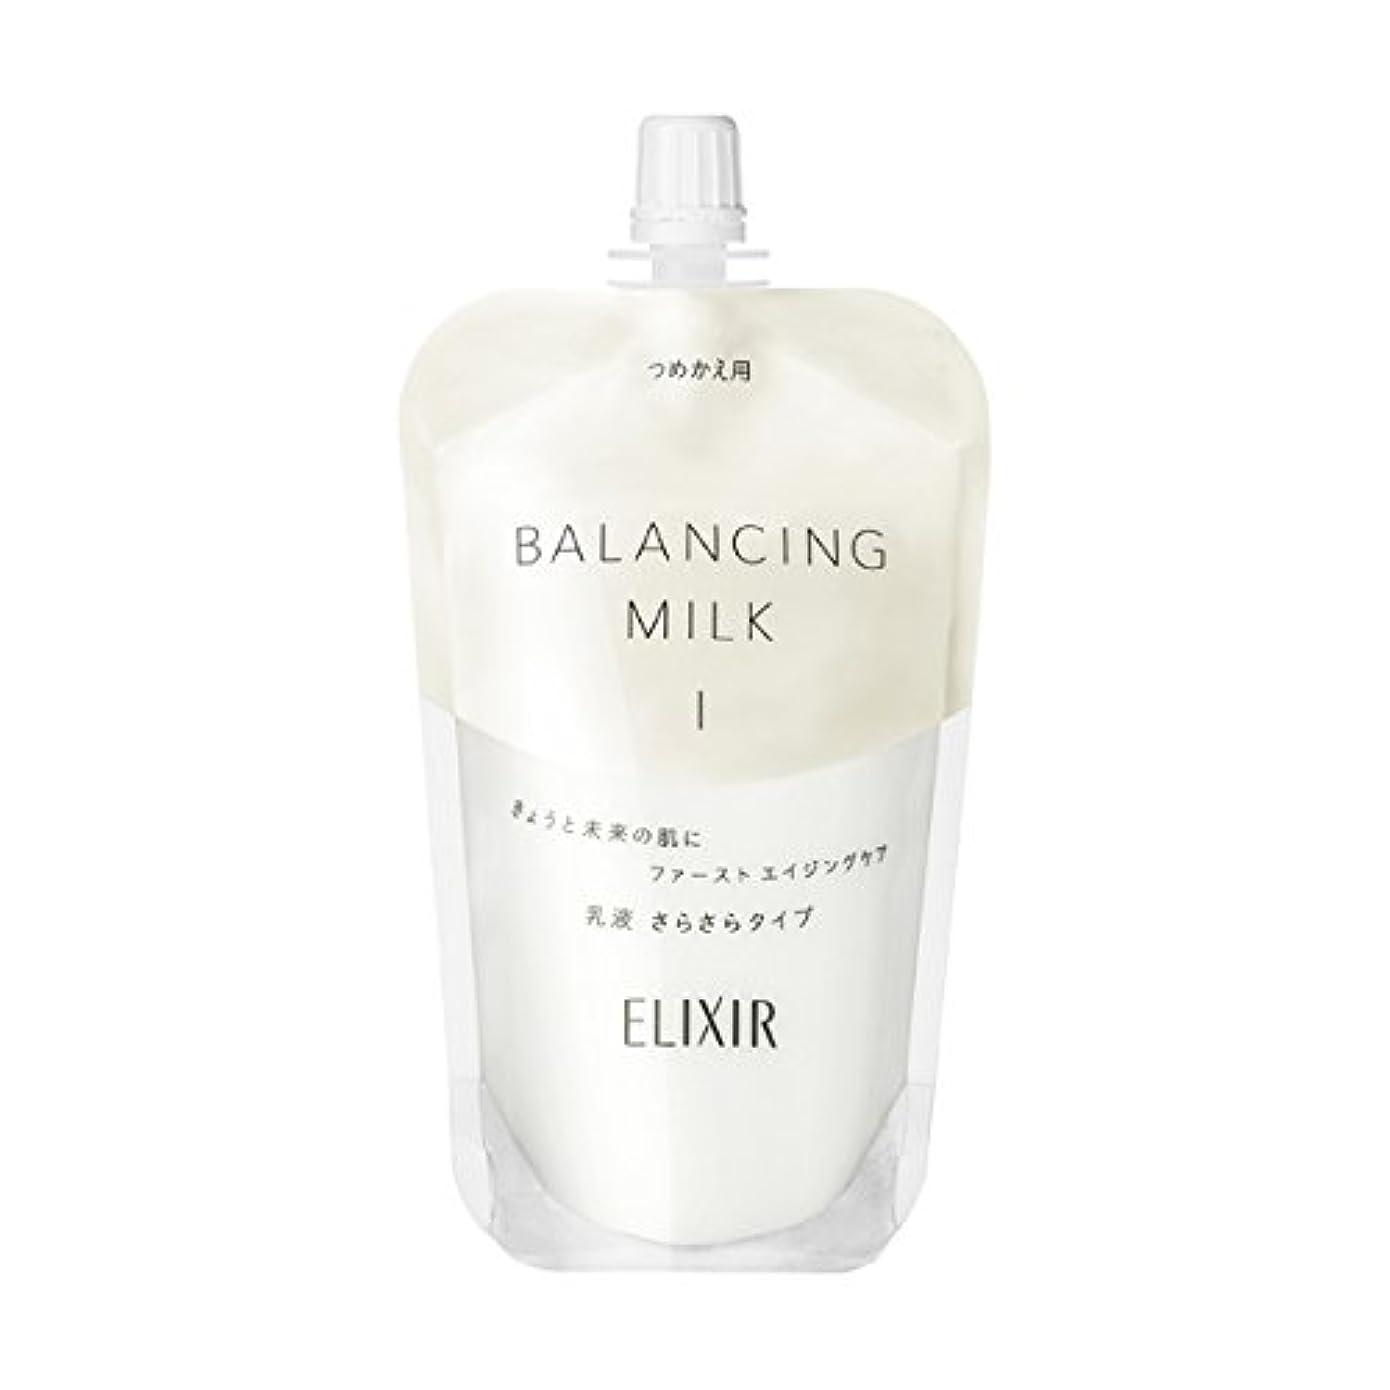 モニターリースできるエリクシール ルフレ バランシング ミルク 乳液 1 (さらさらタイプ) (つめかえ用) 110mL